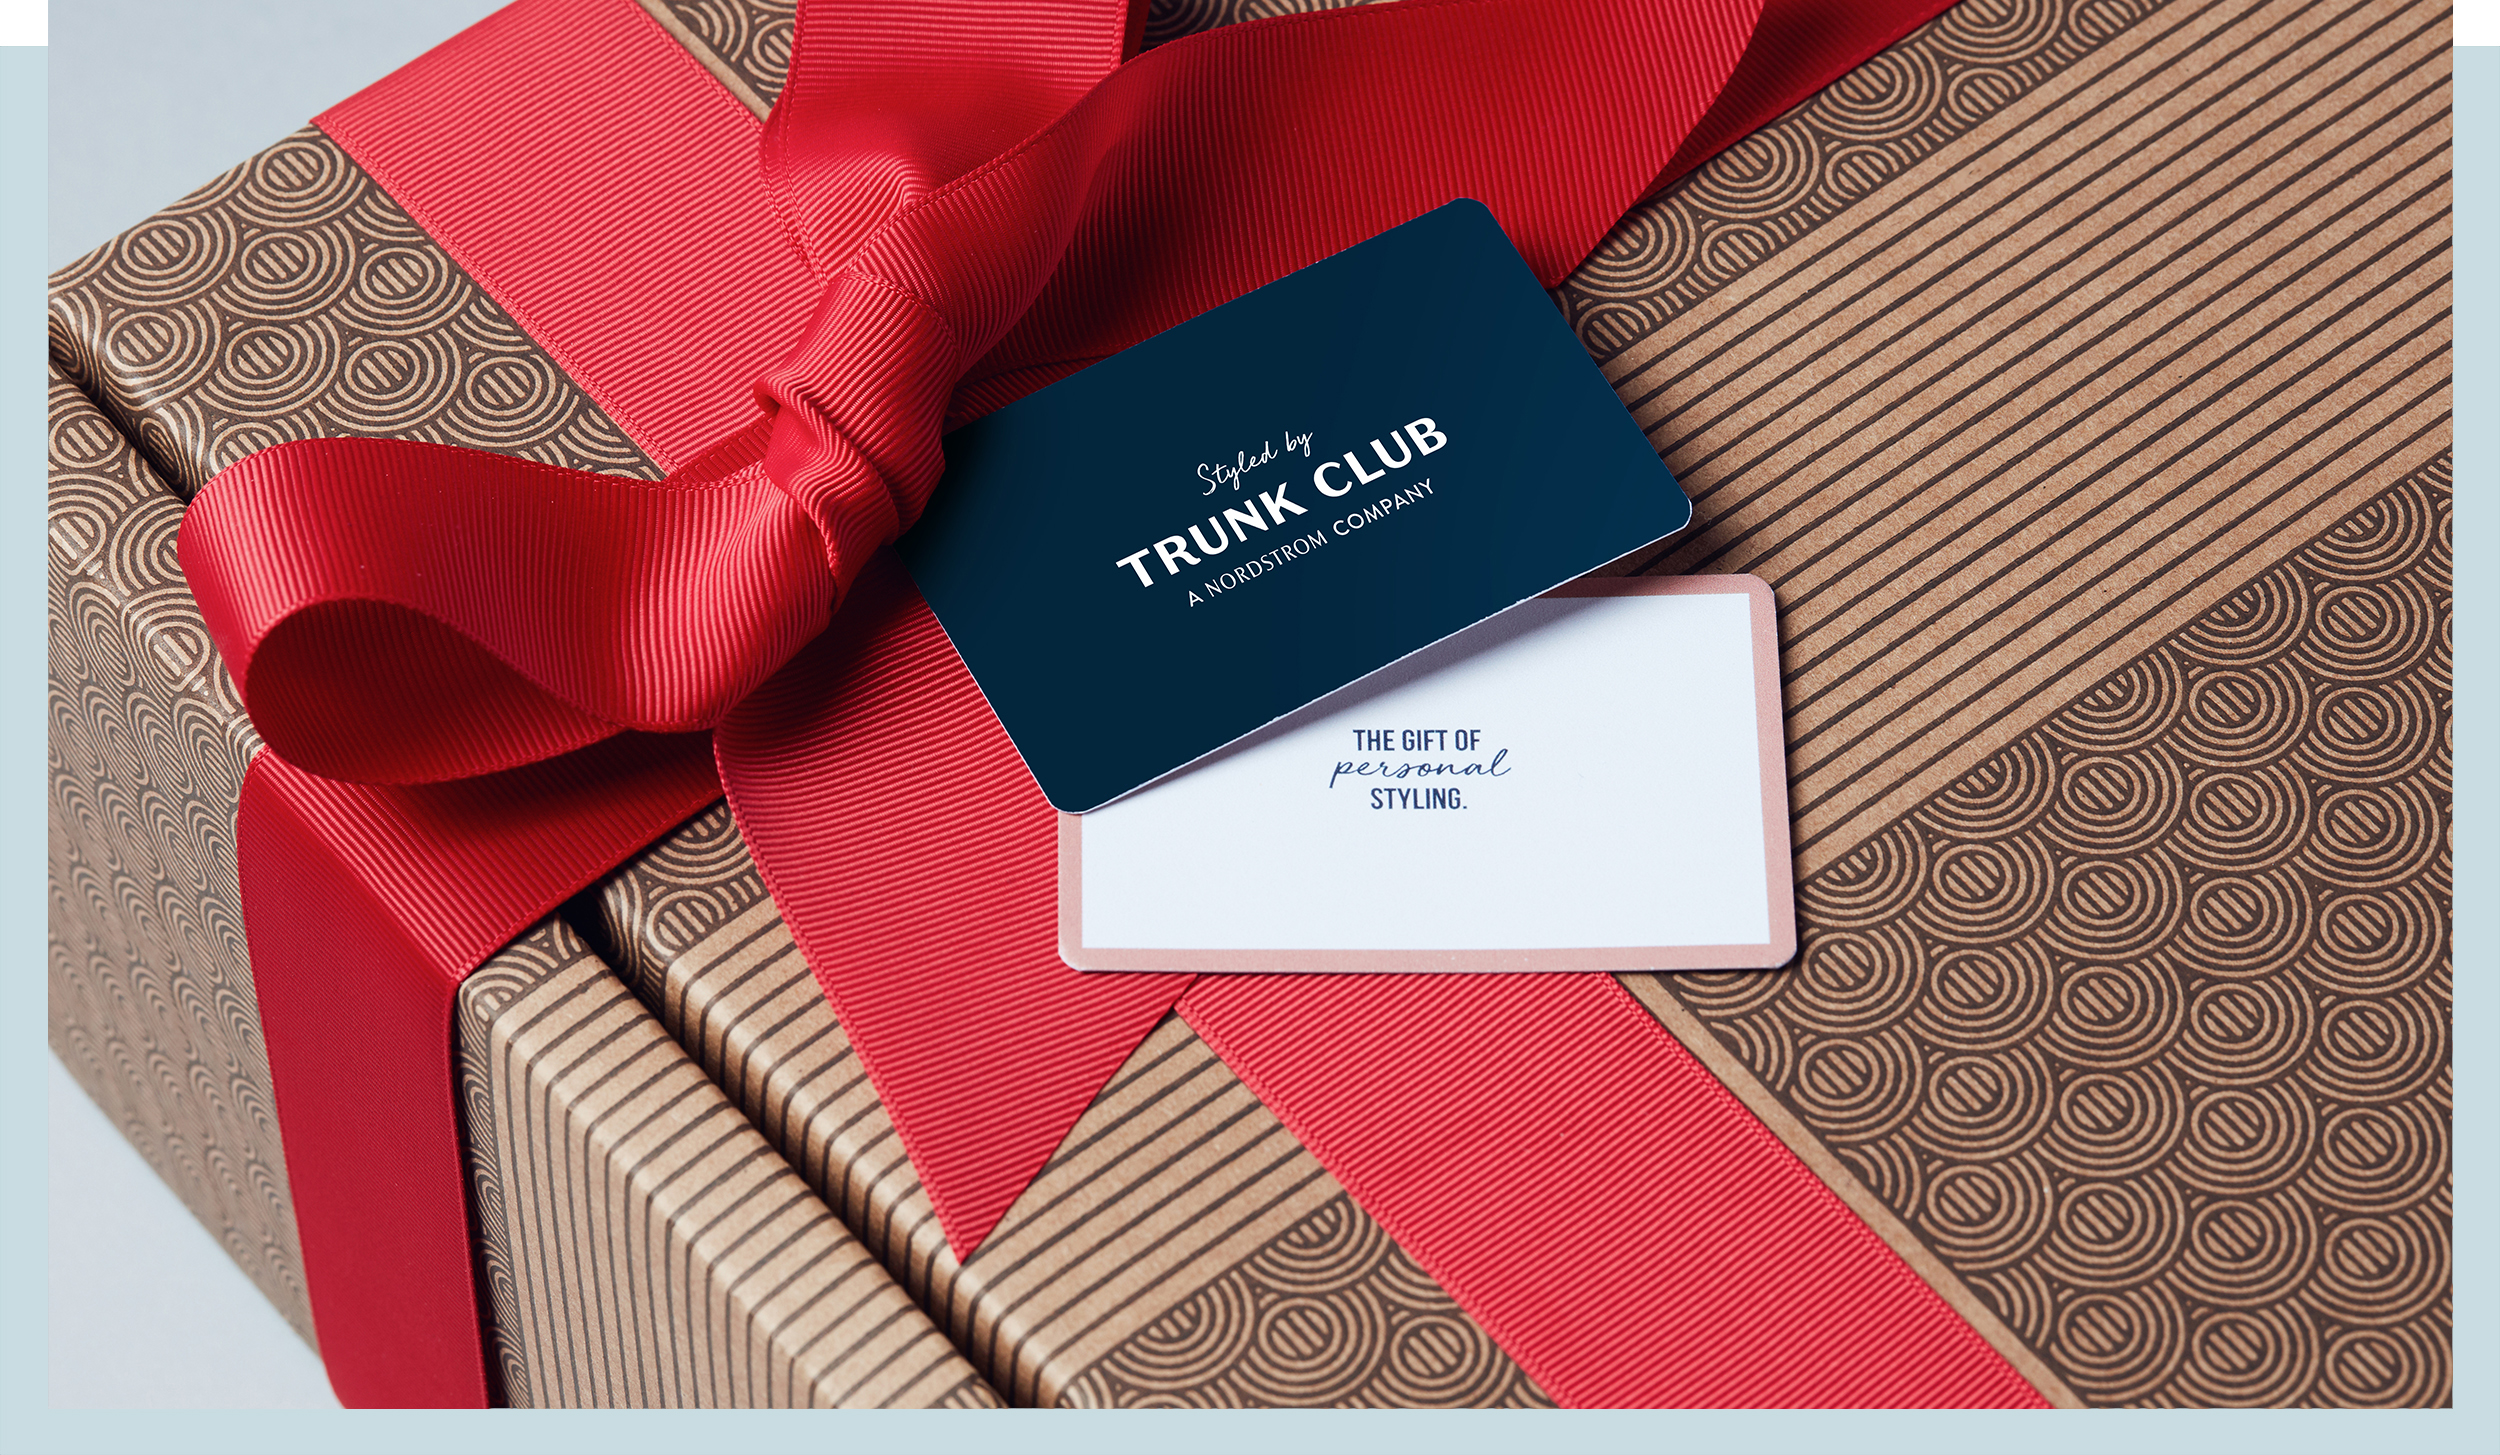 Trunk Club gift card.